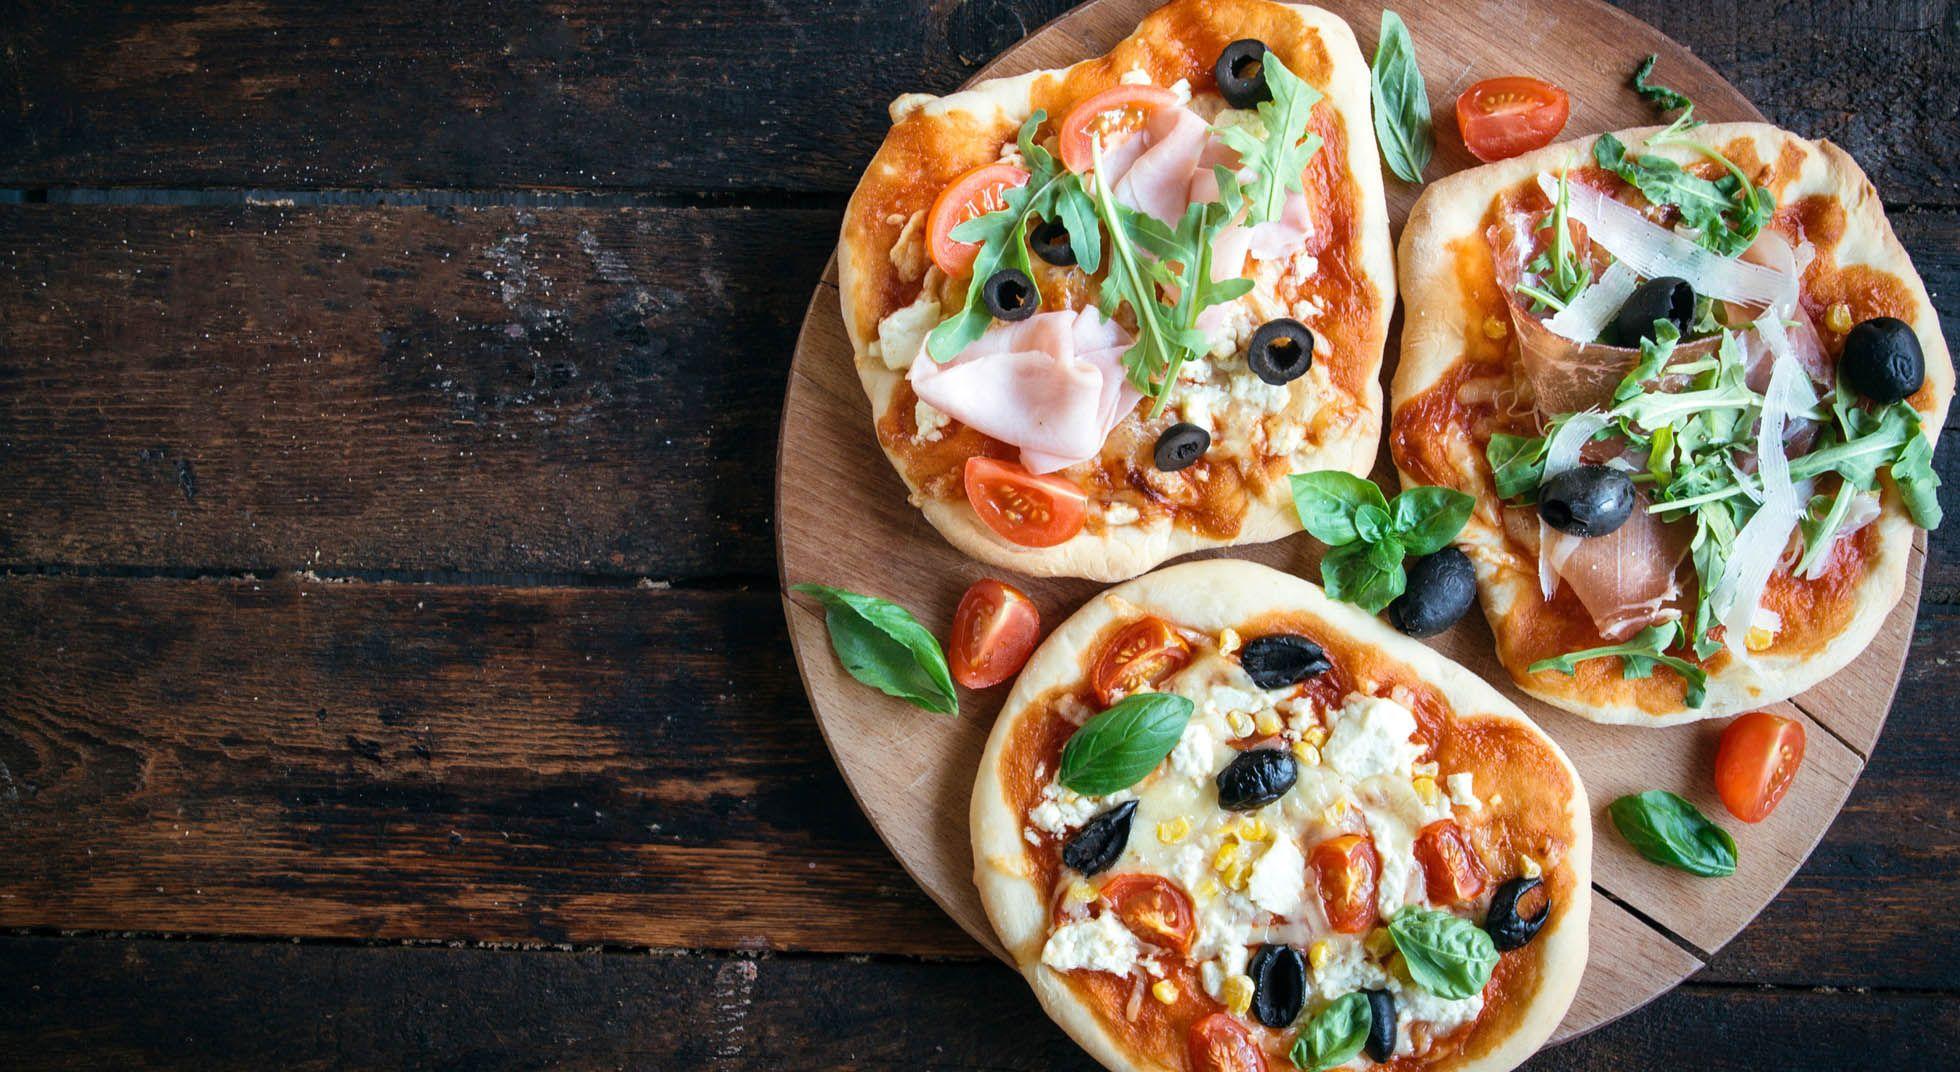 c55f32d9523a354fe97402423c95004c - Pizze Gourmet Ricette